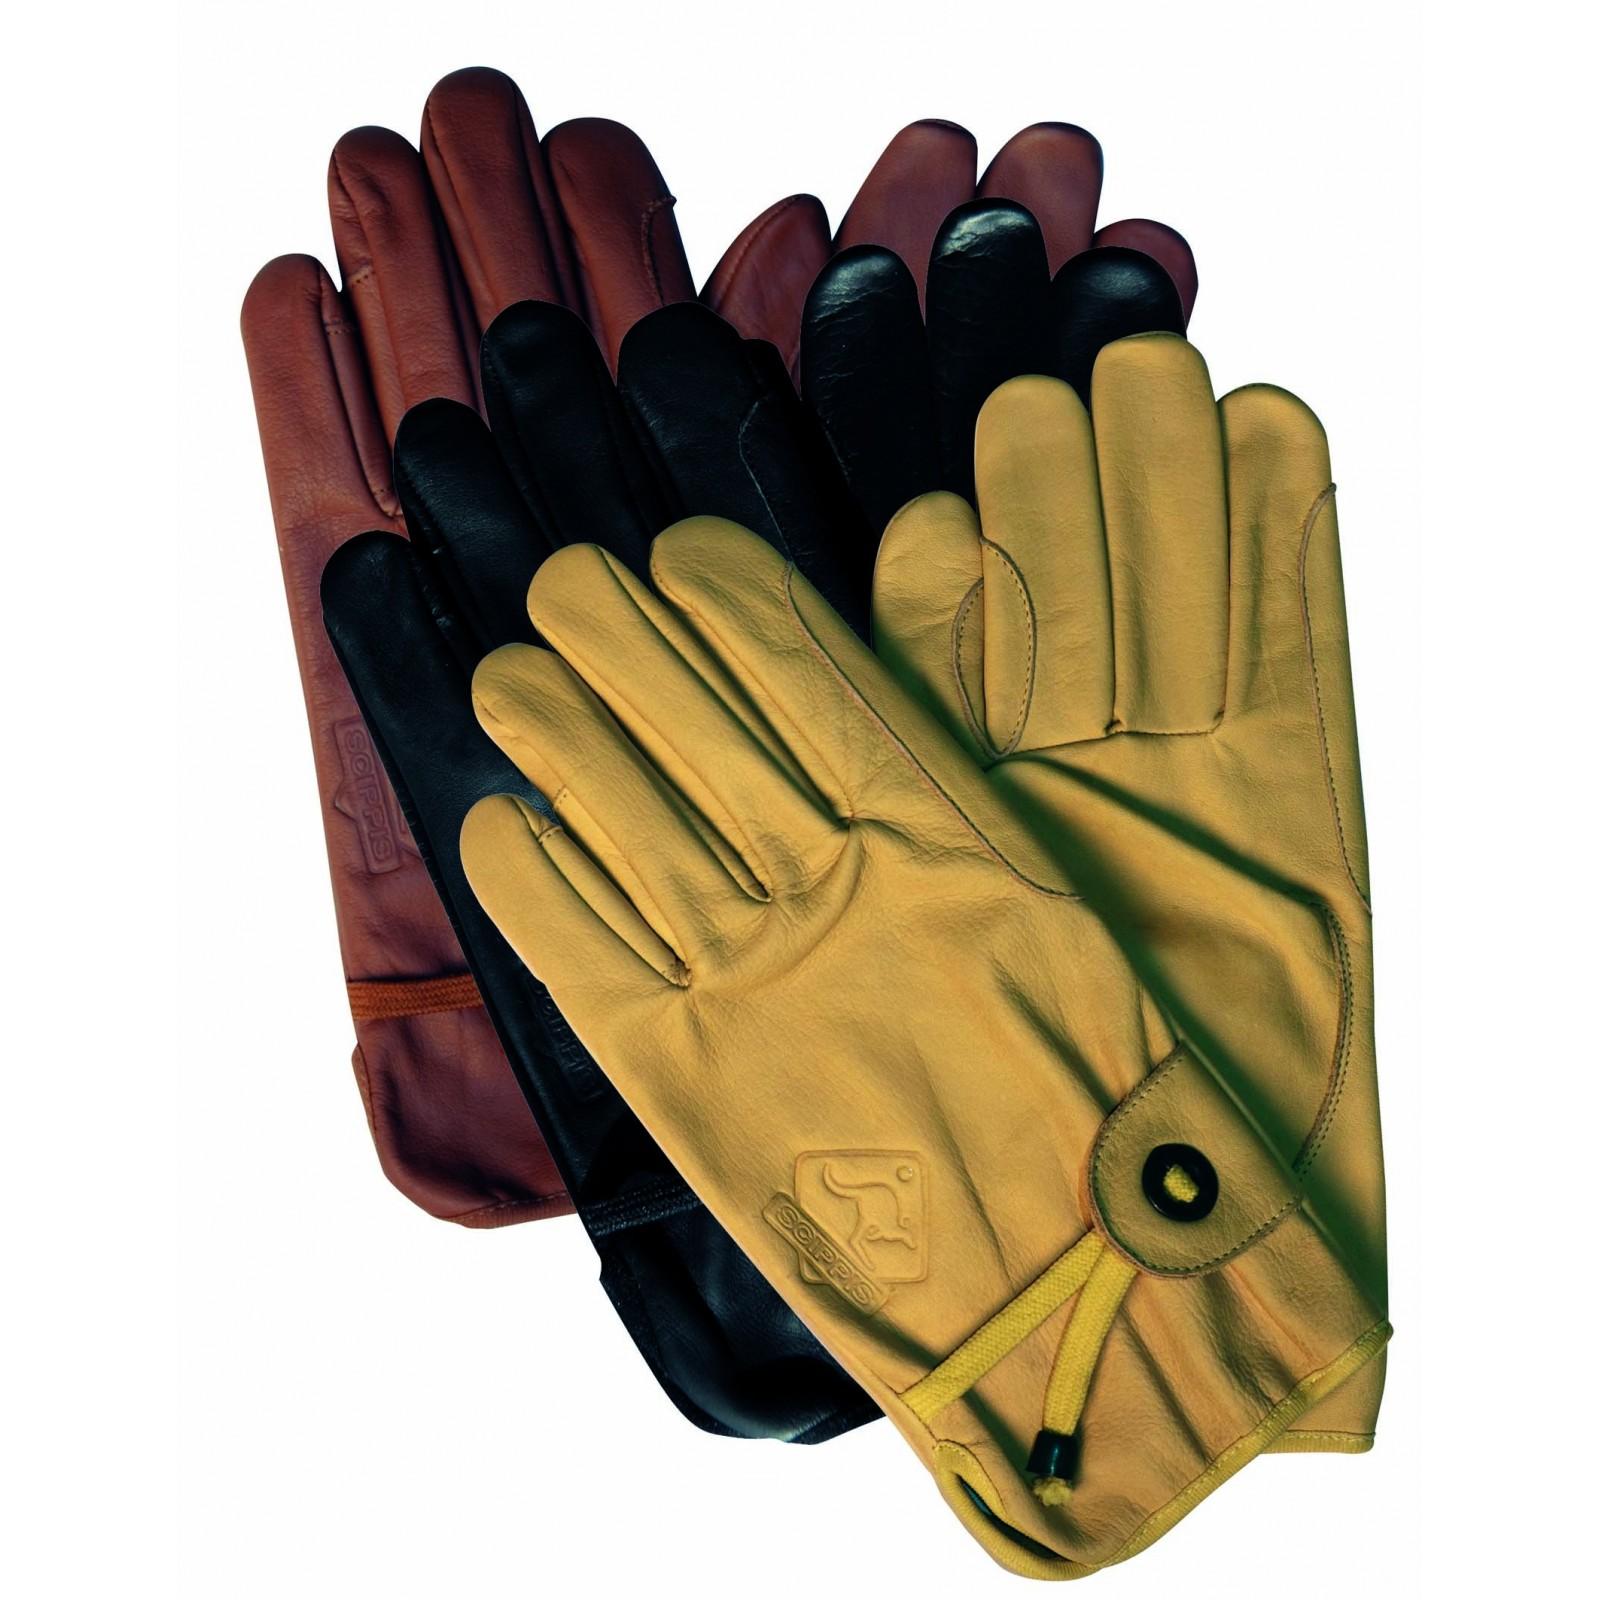 Scippis Gloves